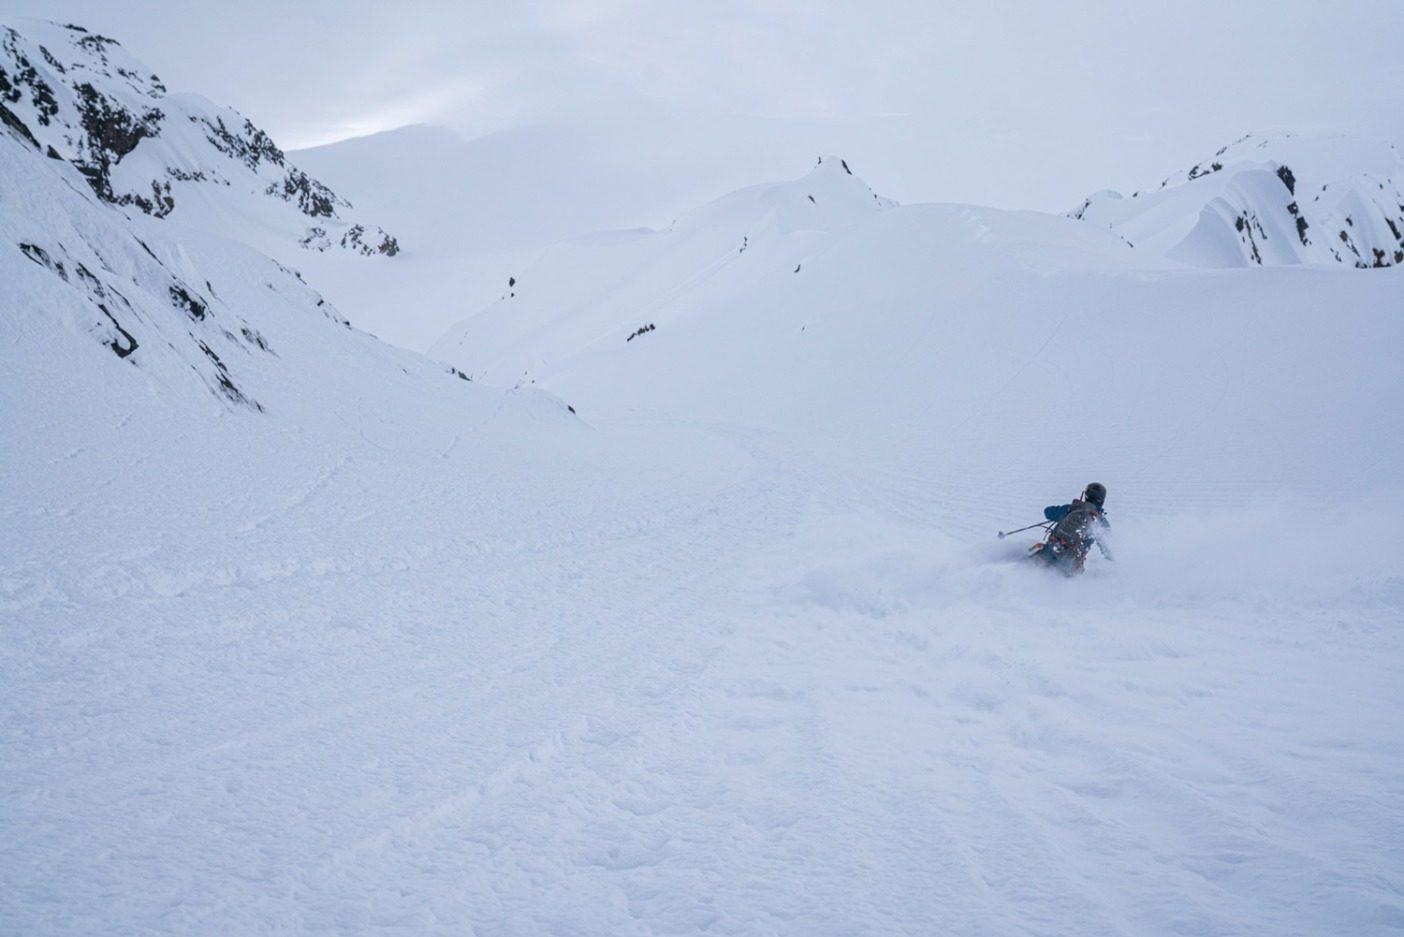 思い描いたライン。何年も具体的に考え、何カ月も準備した後、探検旅行に出てほんの数日で、エリック・ジョンソンは「忌々しい山のクーロアール」で最初の滑降を実現した。Photo: Jasper Gibson